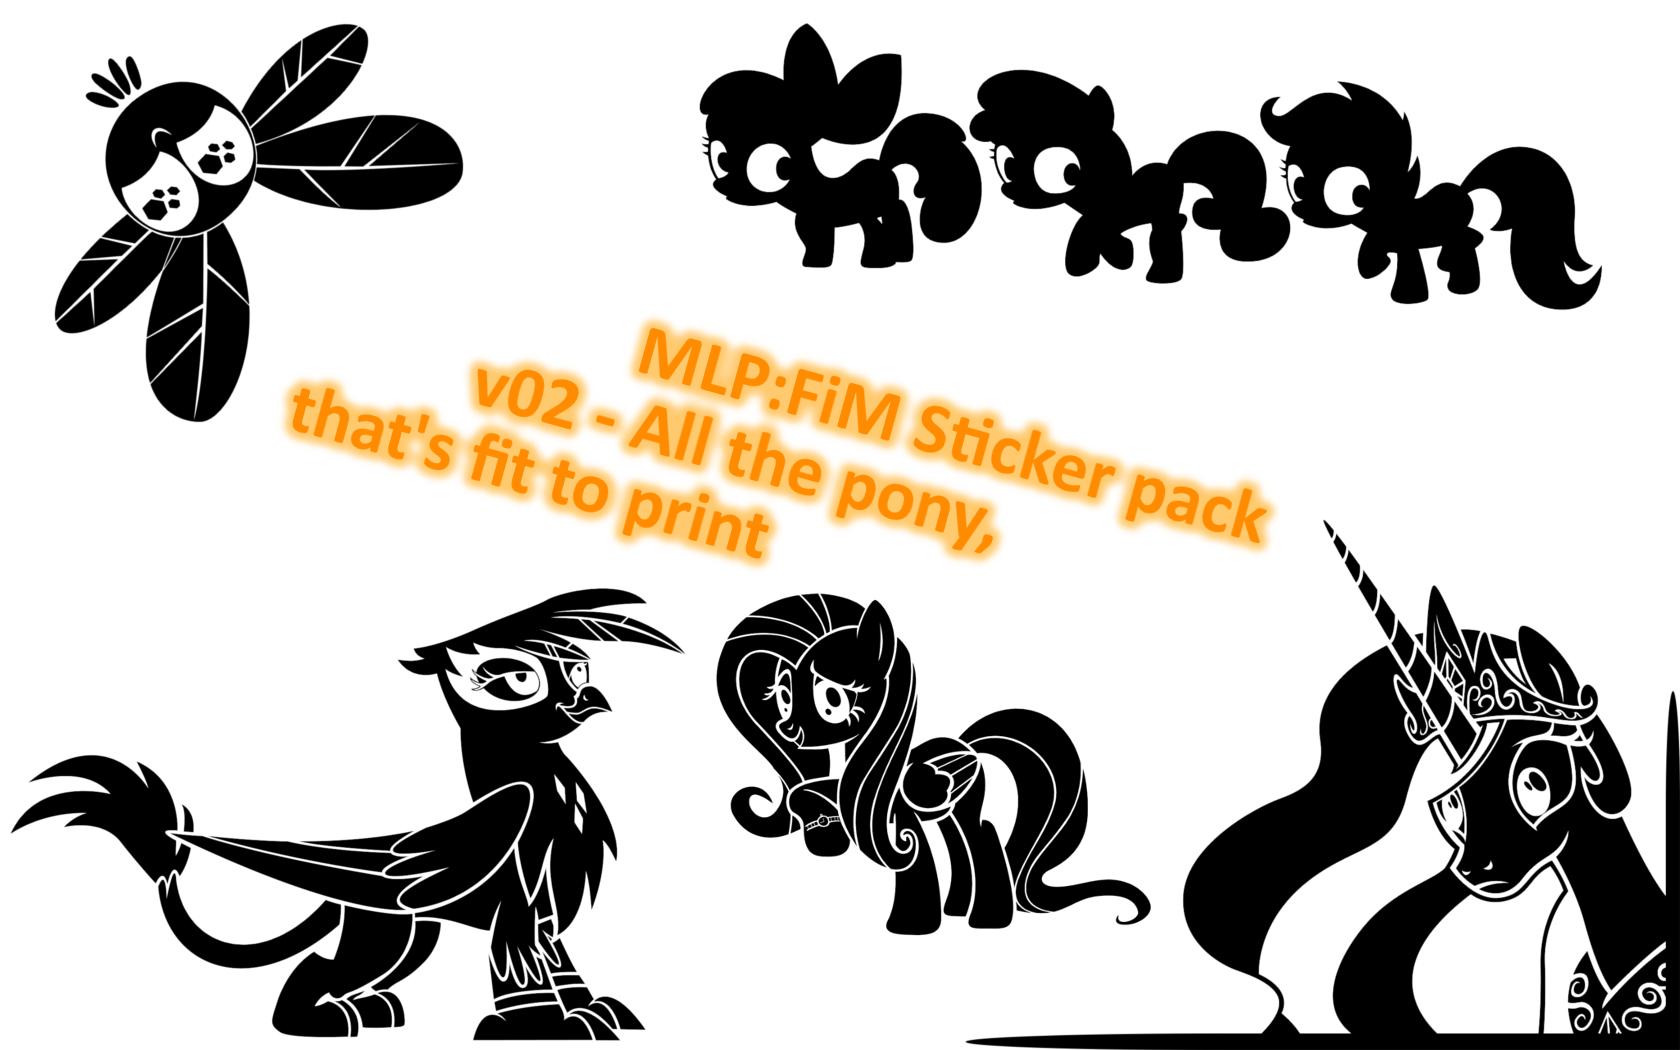 Pony sticker pack v02 by PoldekPL